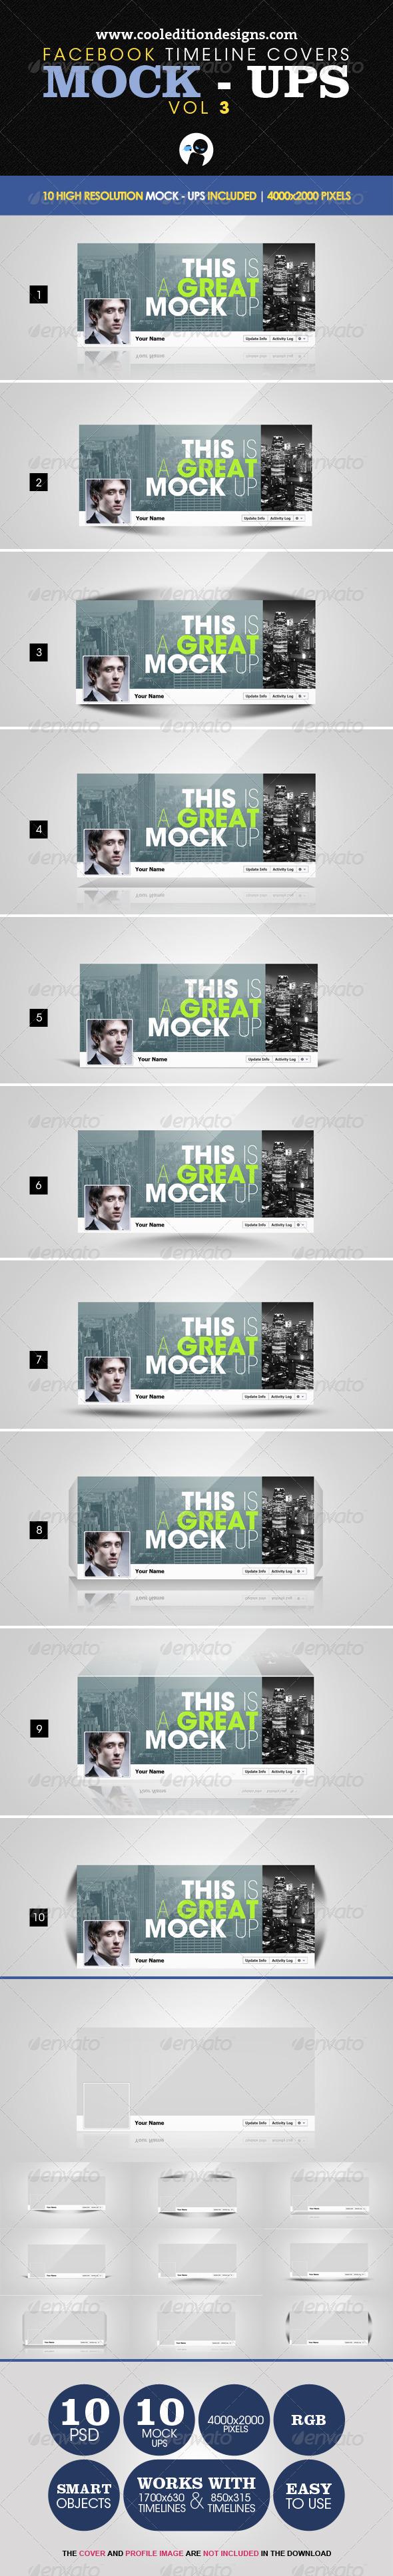 GraphicRiver Facebook Timeline Covers Mock-Ups VOL3 2426561